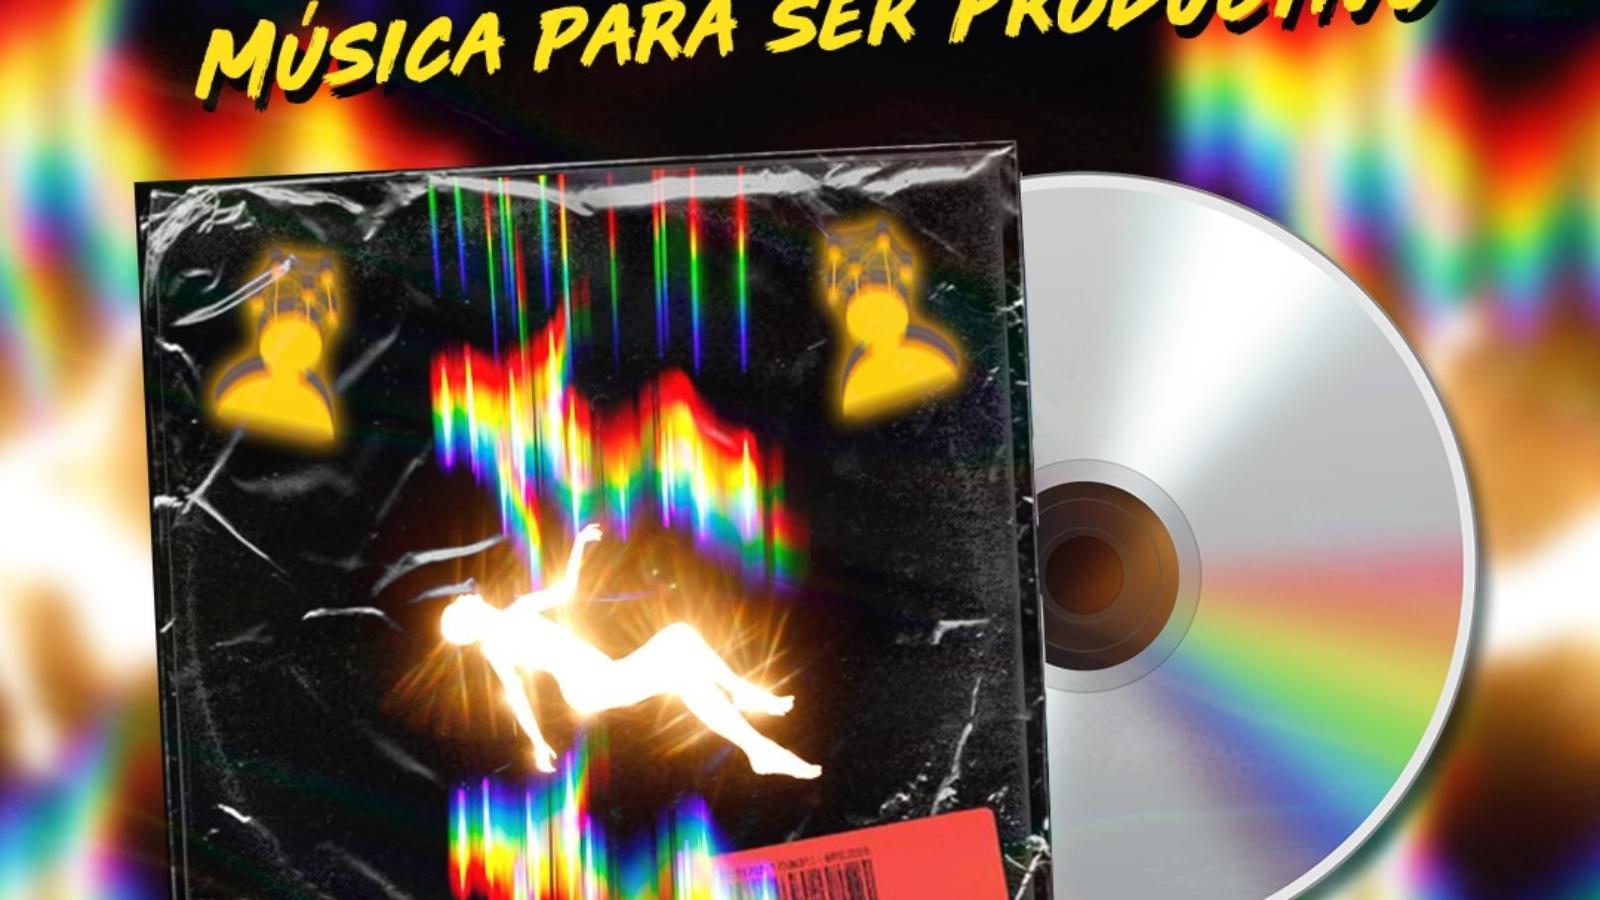 VidaUCAB recomienda música